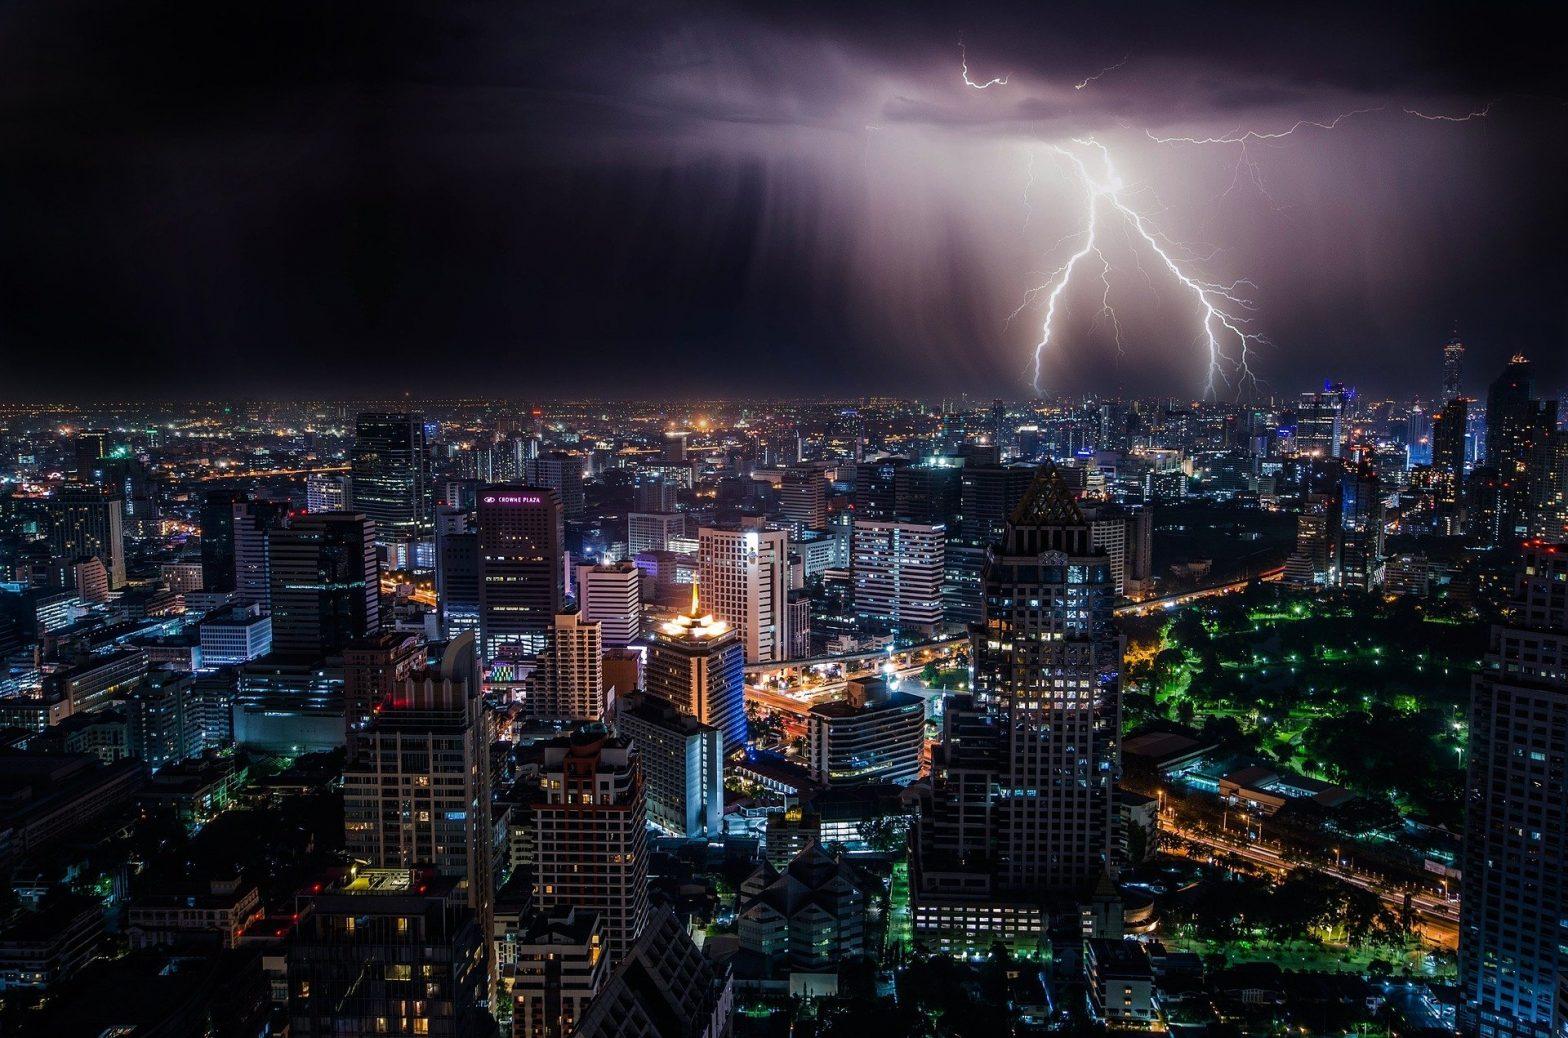 Foto de uma cidade e uma tempestade com raios caindo. Imagem ilustrativa para o texto seguro contra intempéries.